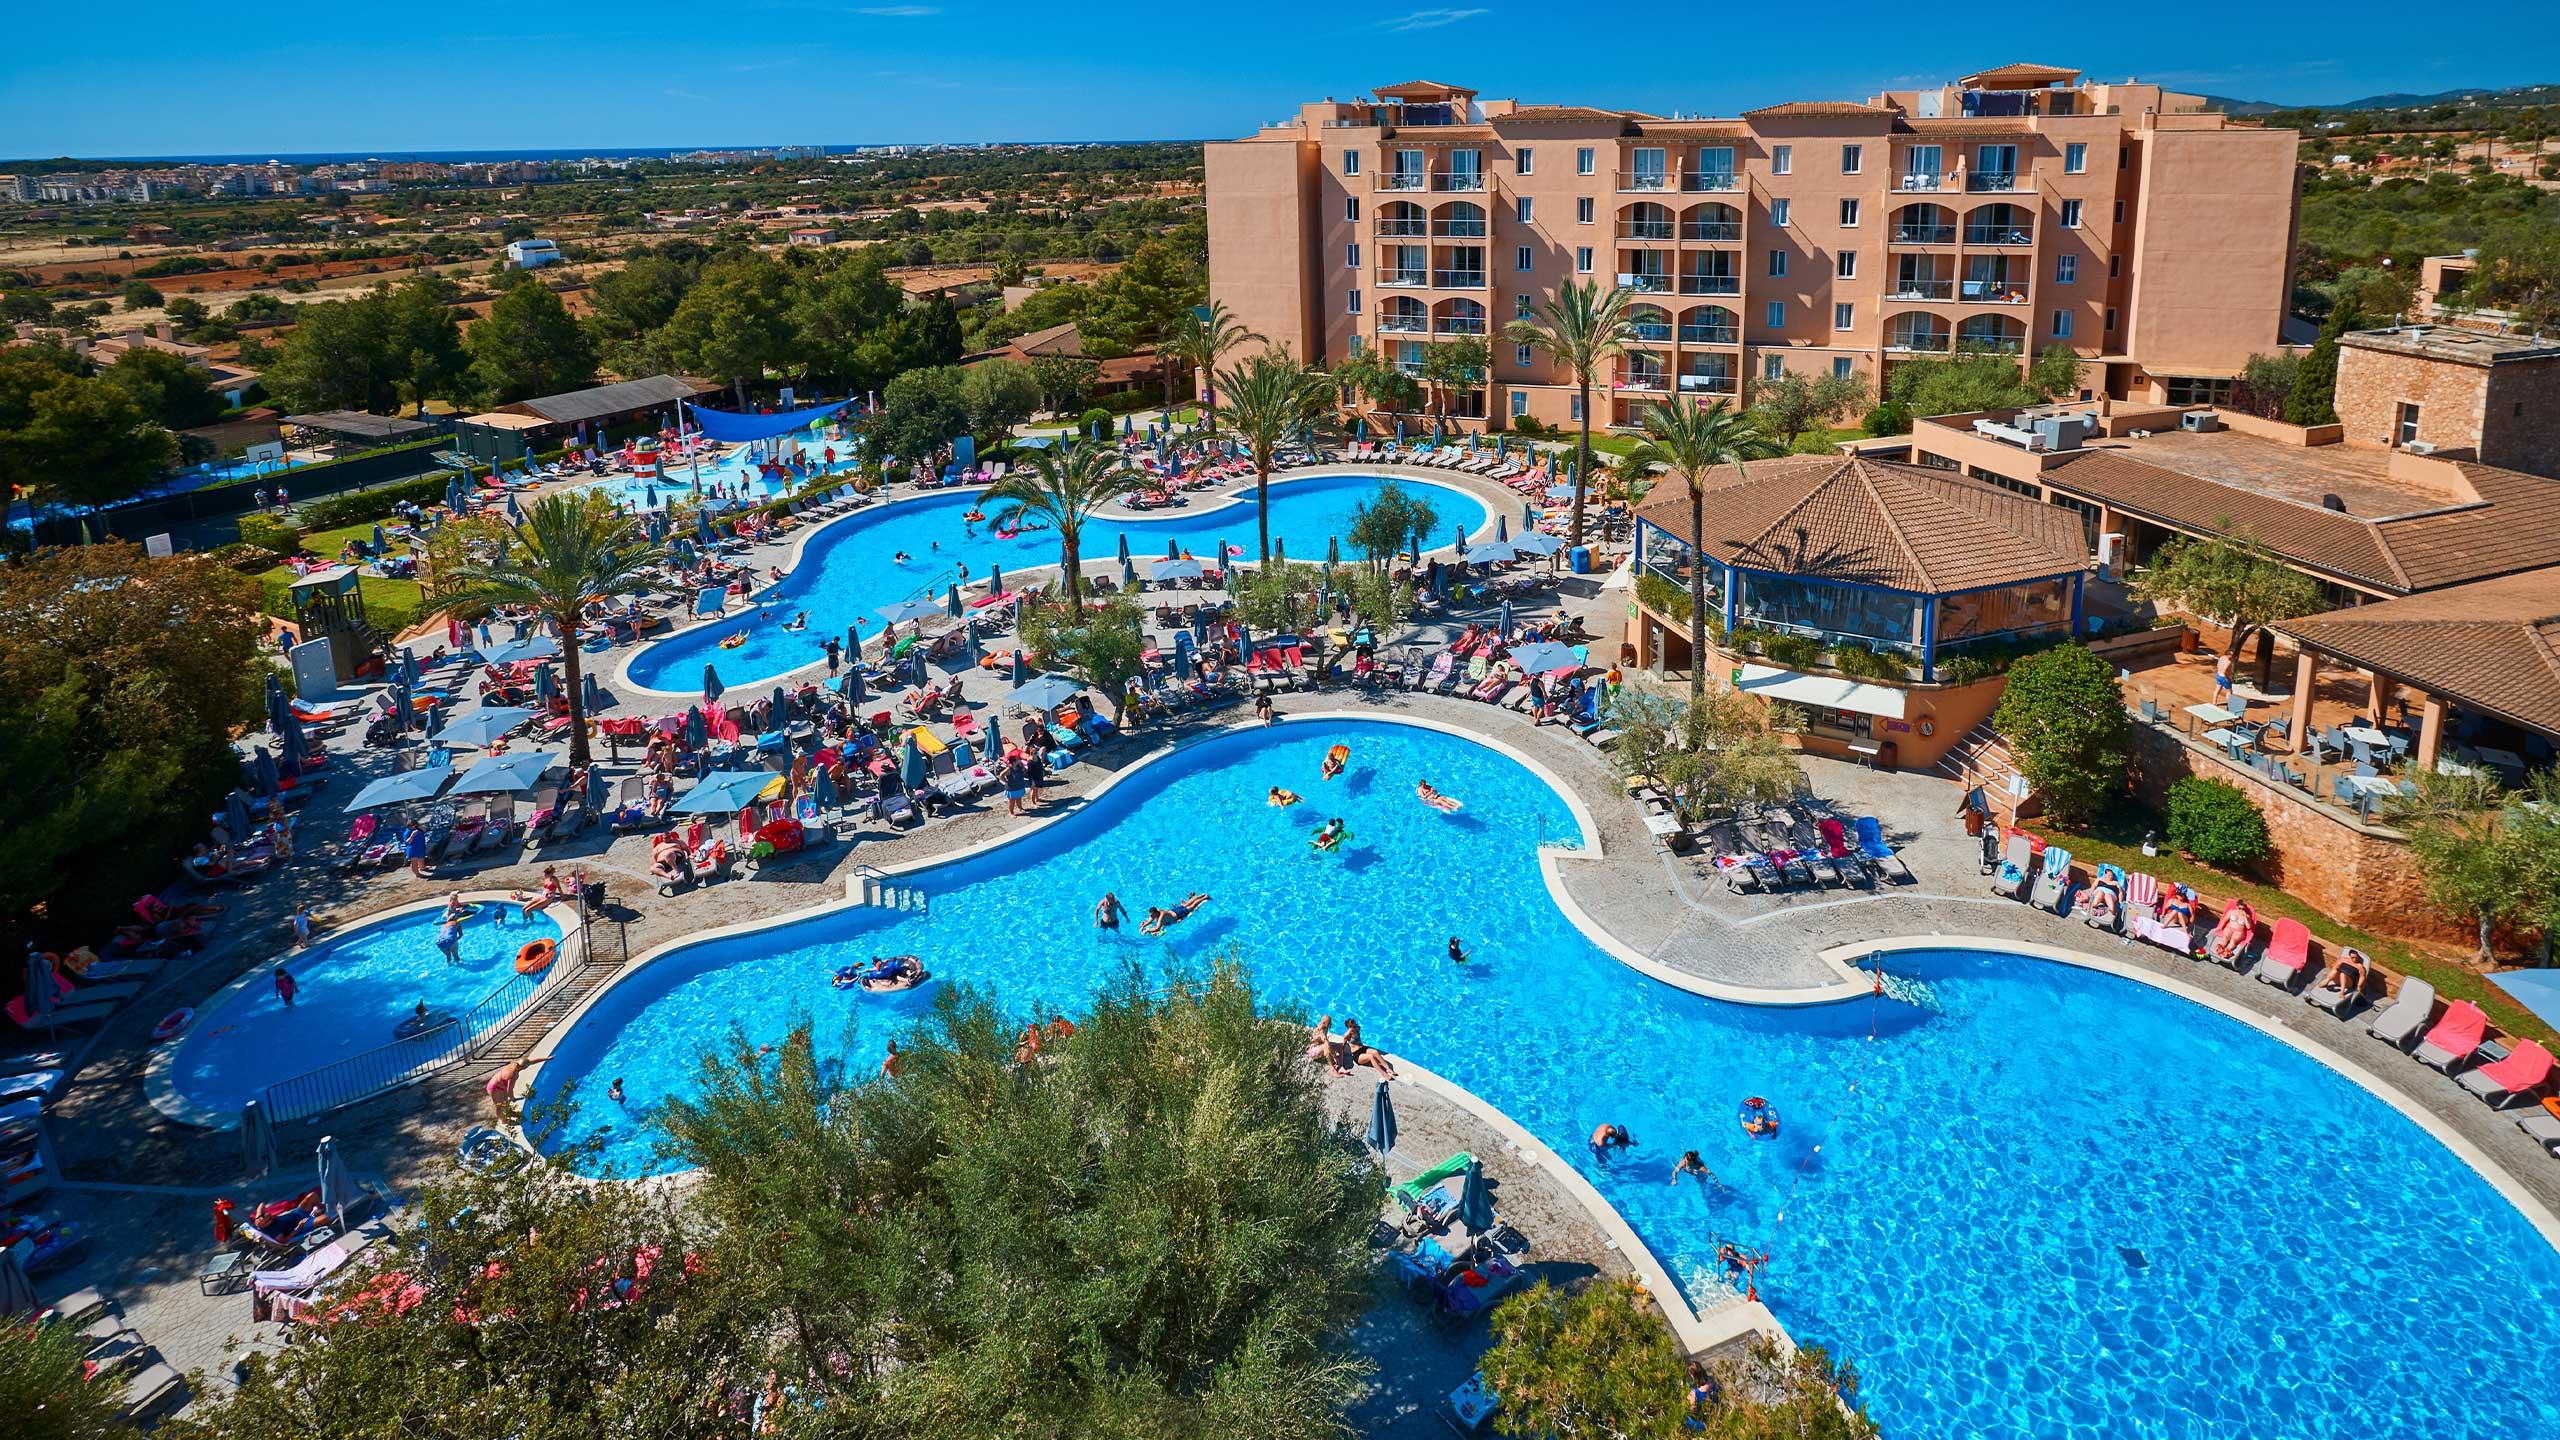 Tui Hotel Mallorca